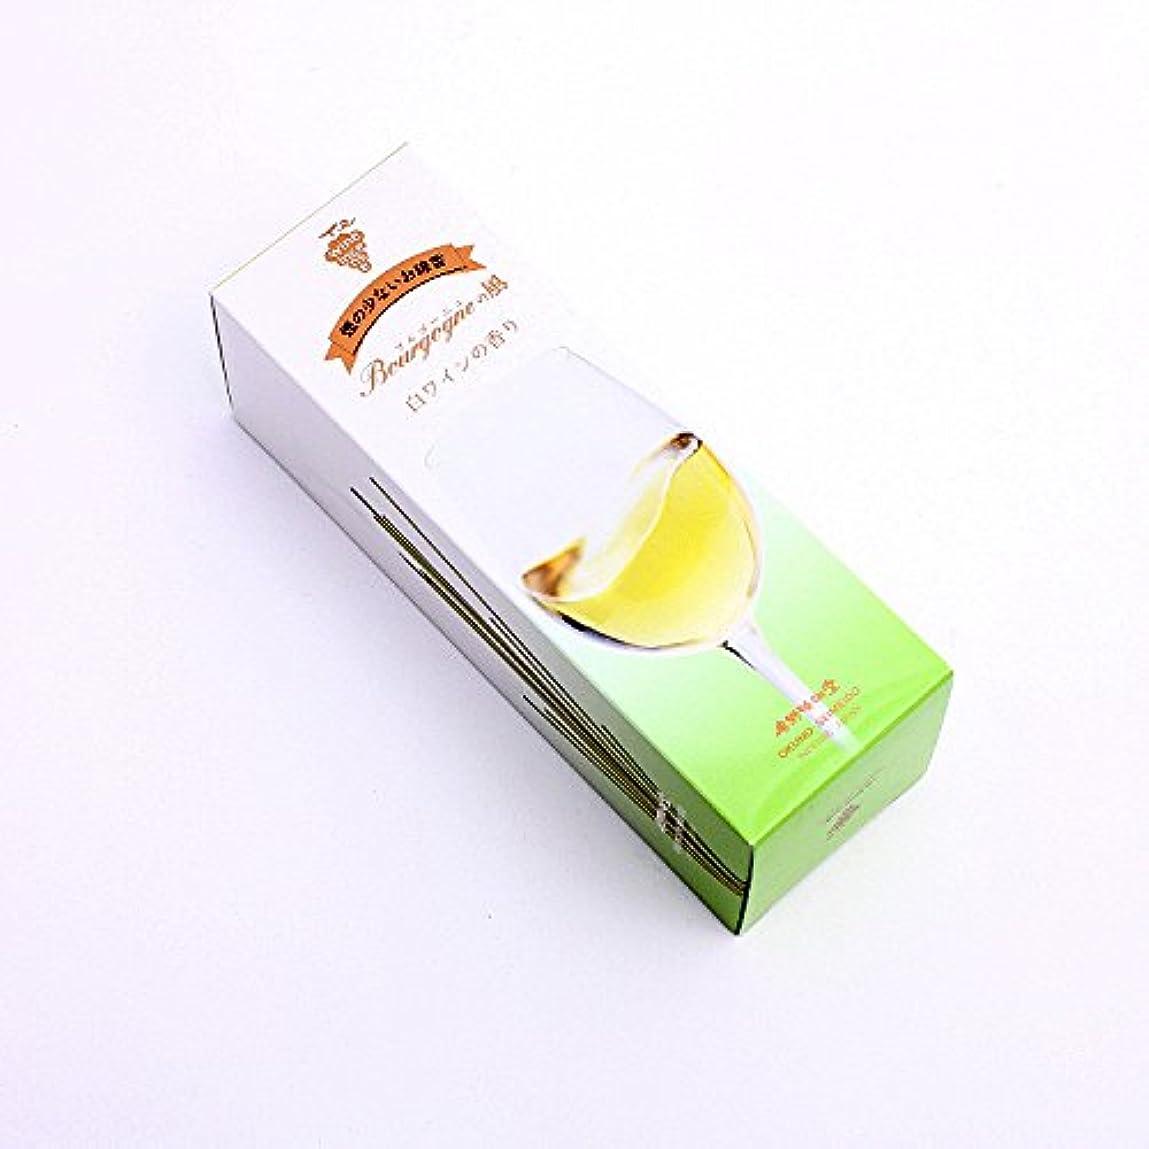 ラビリンス必要ない前売ワインの香りのお線香 奥野晴明堂 Bourgogne(ブルゴーニュ)の風 白ワインの香り 筒型1本入り 28-2 微煙タイプ